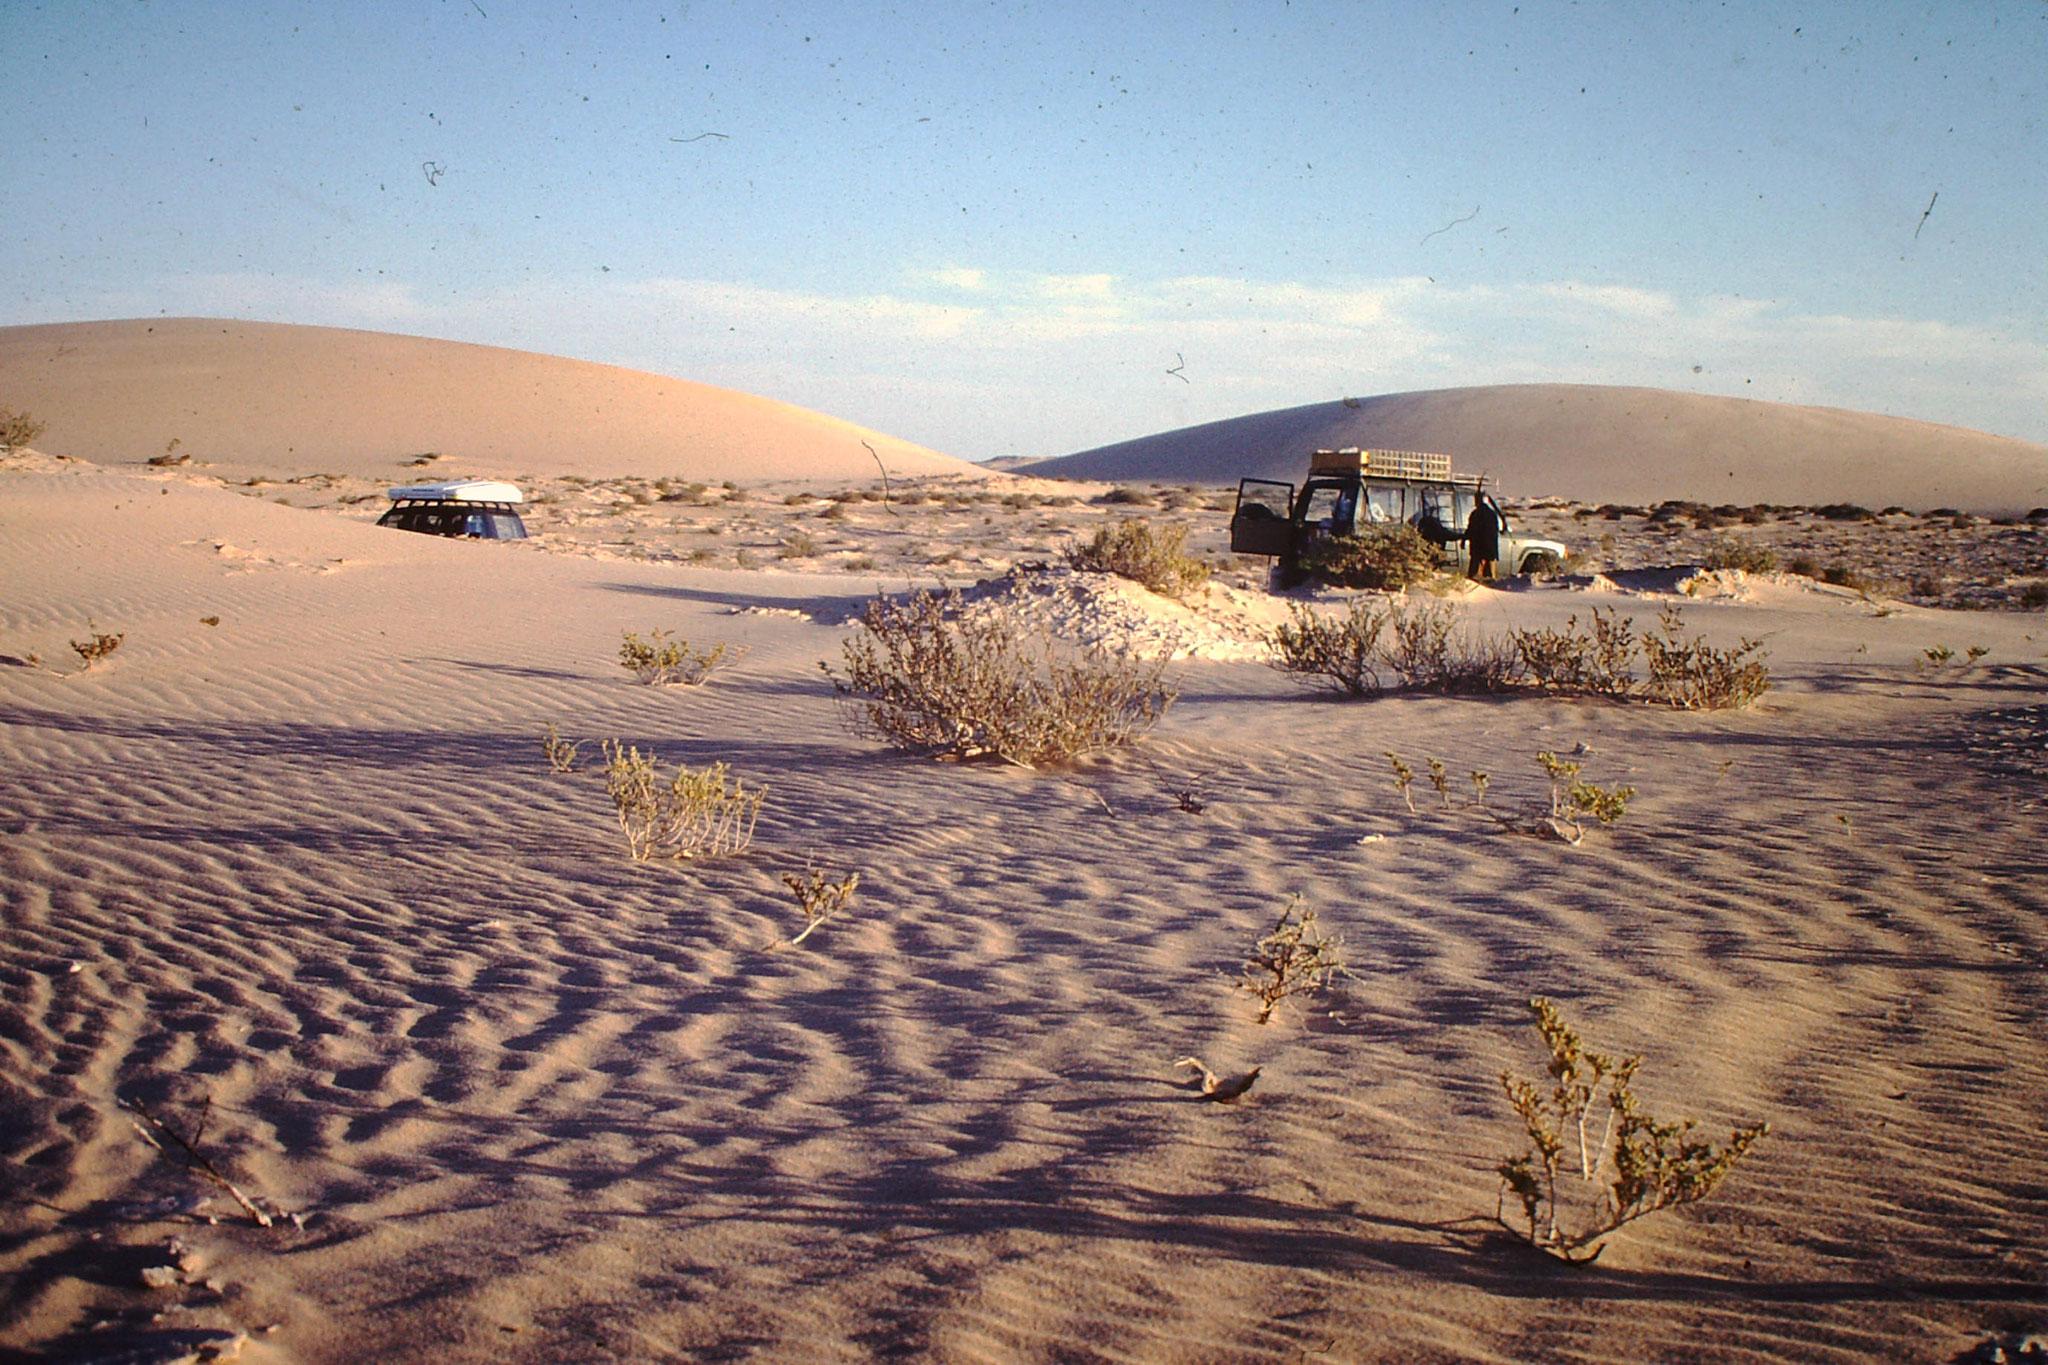 Hier Übernachteten wir das 1, Mal in Mauretanien.